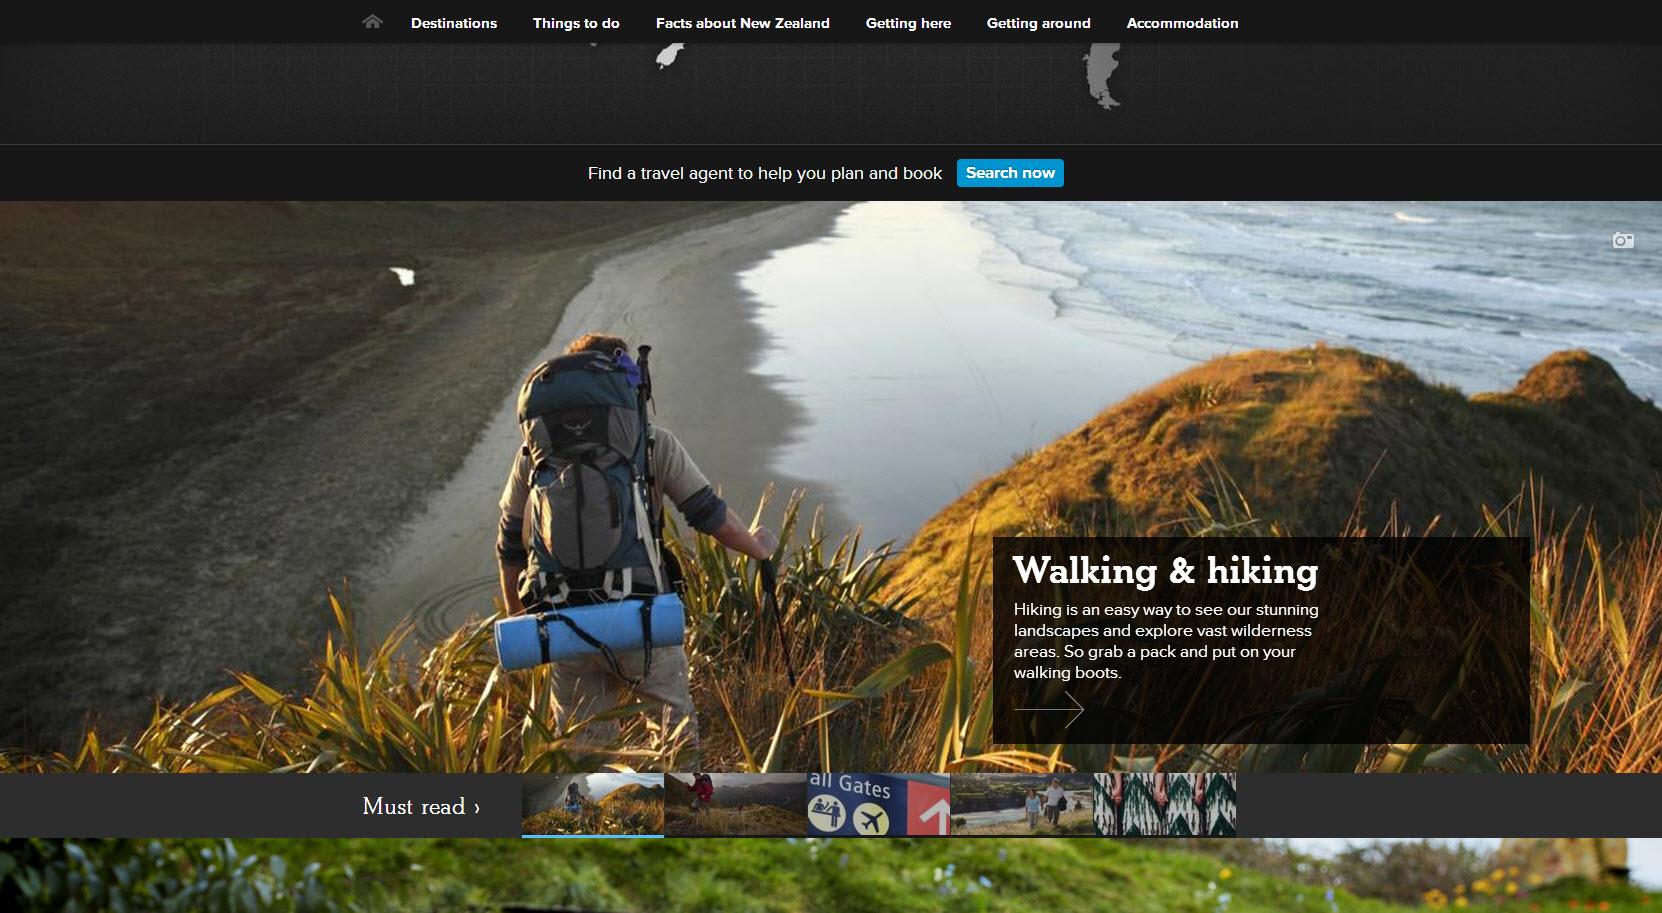 Nouvelle-Zélande activité en page d'accueil